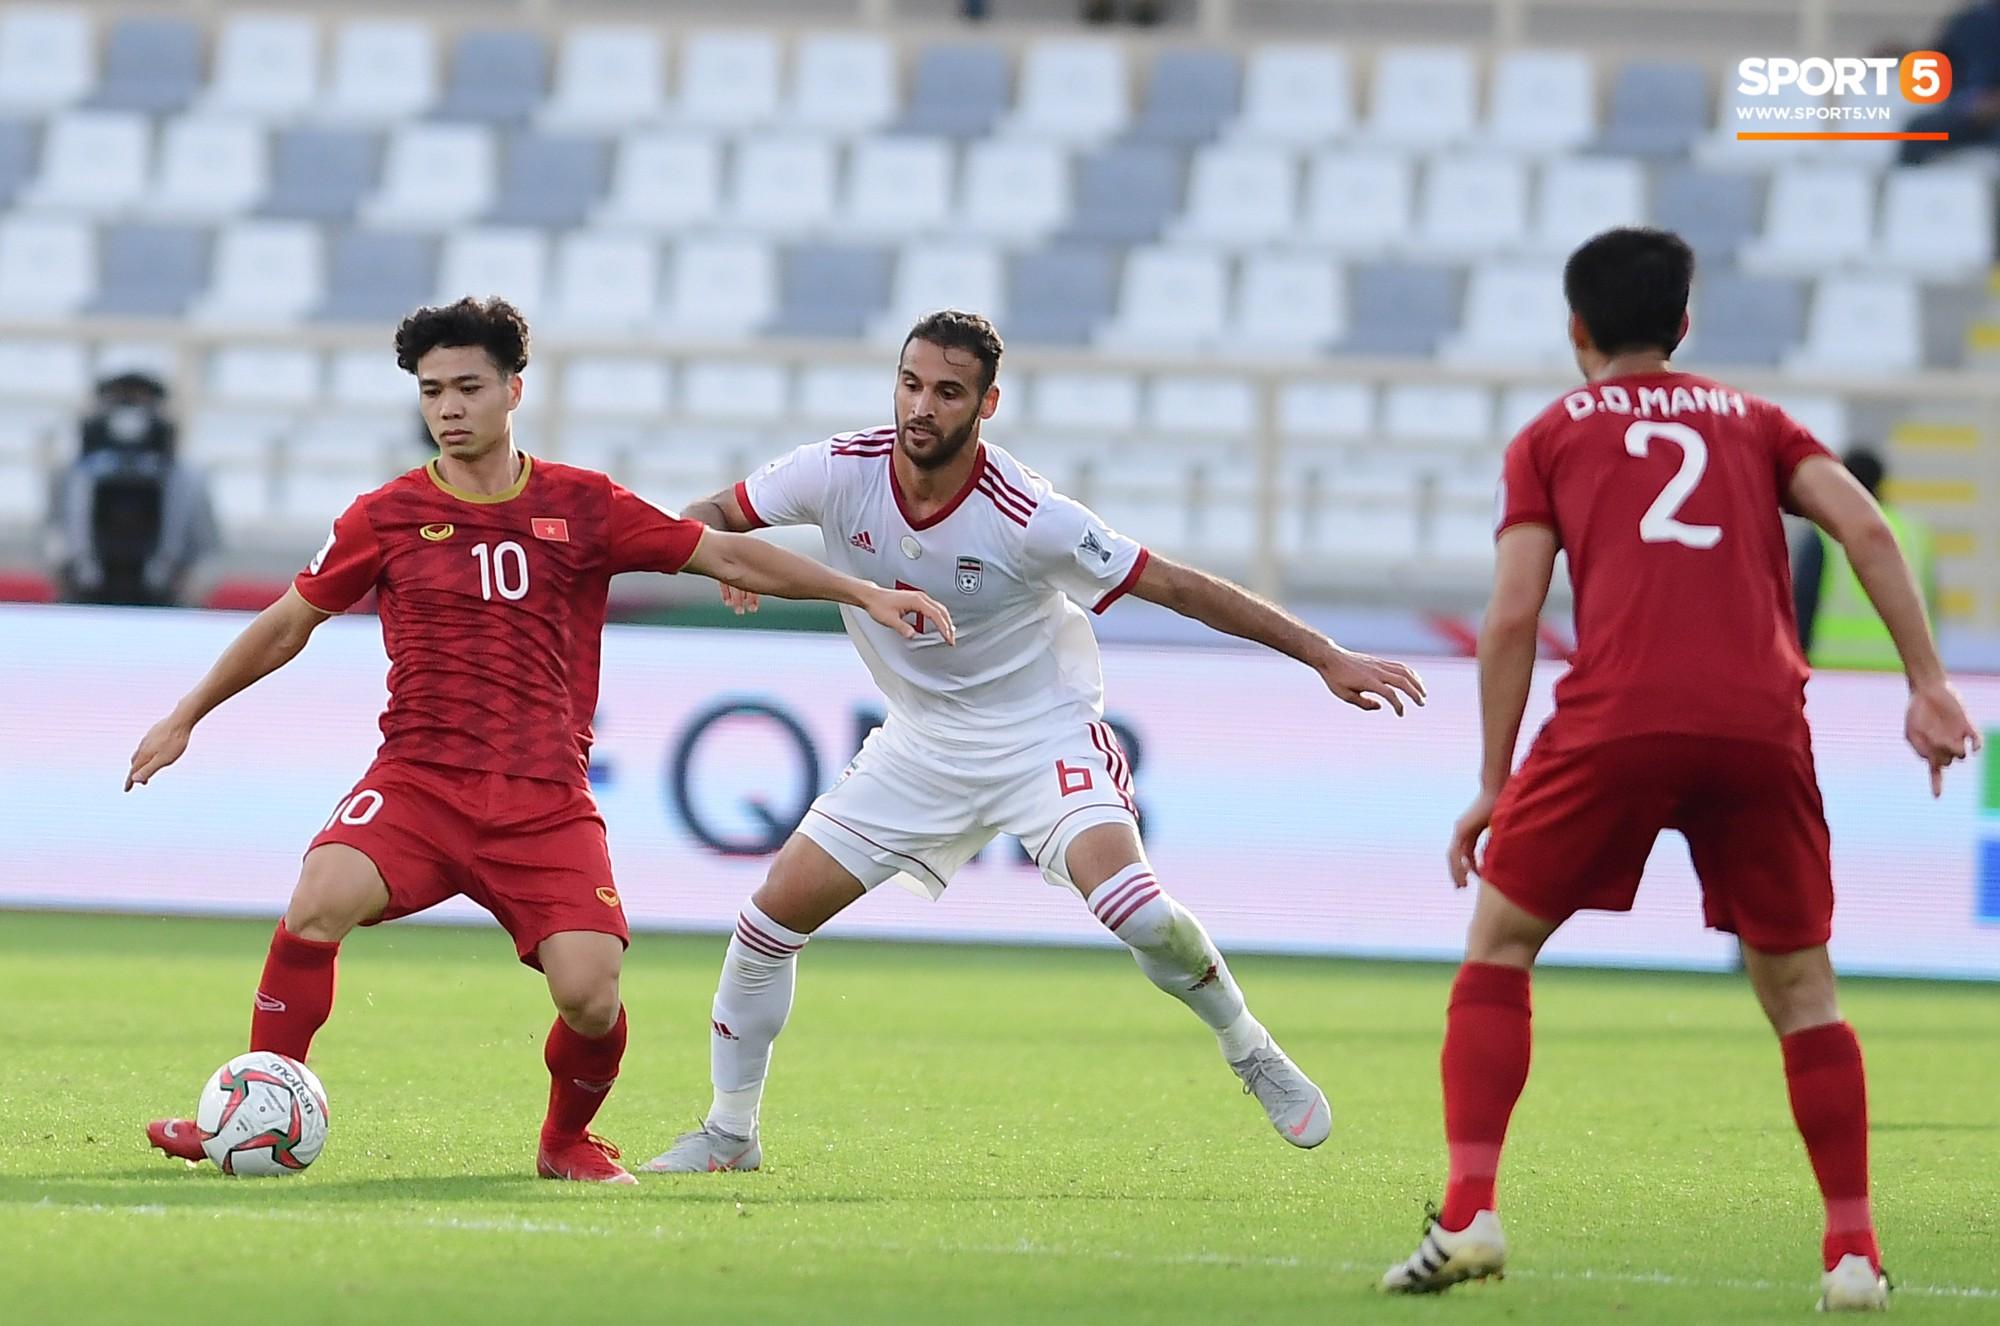 Nếu Công Phượng xử lý nhanh hơn, Duy Mạnh đã không lỡ hẹn trận đấu cuối cùng ở vòng bảng Asian Cup 2019 - Ảnh 1.